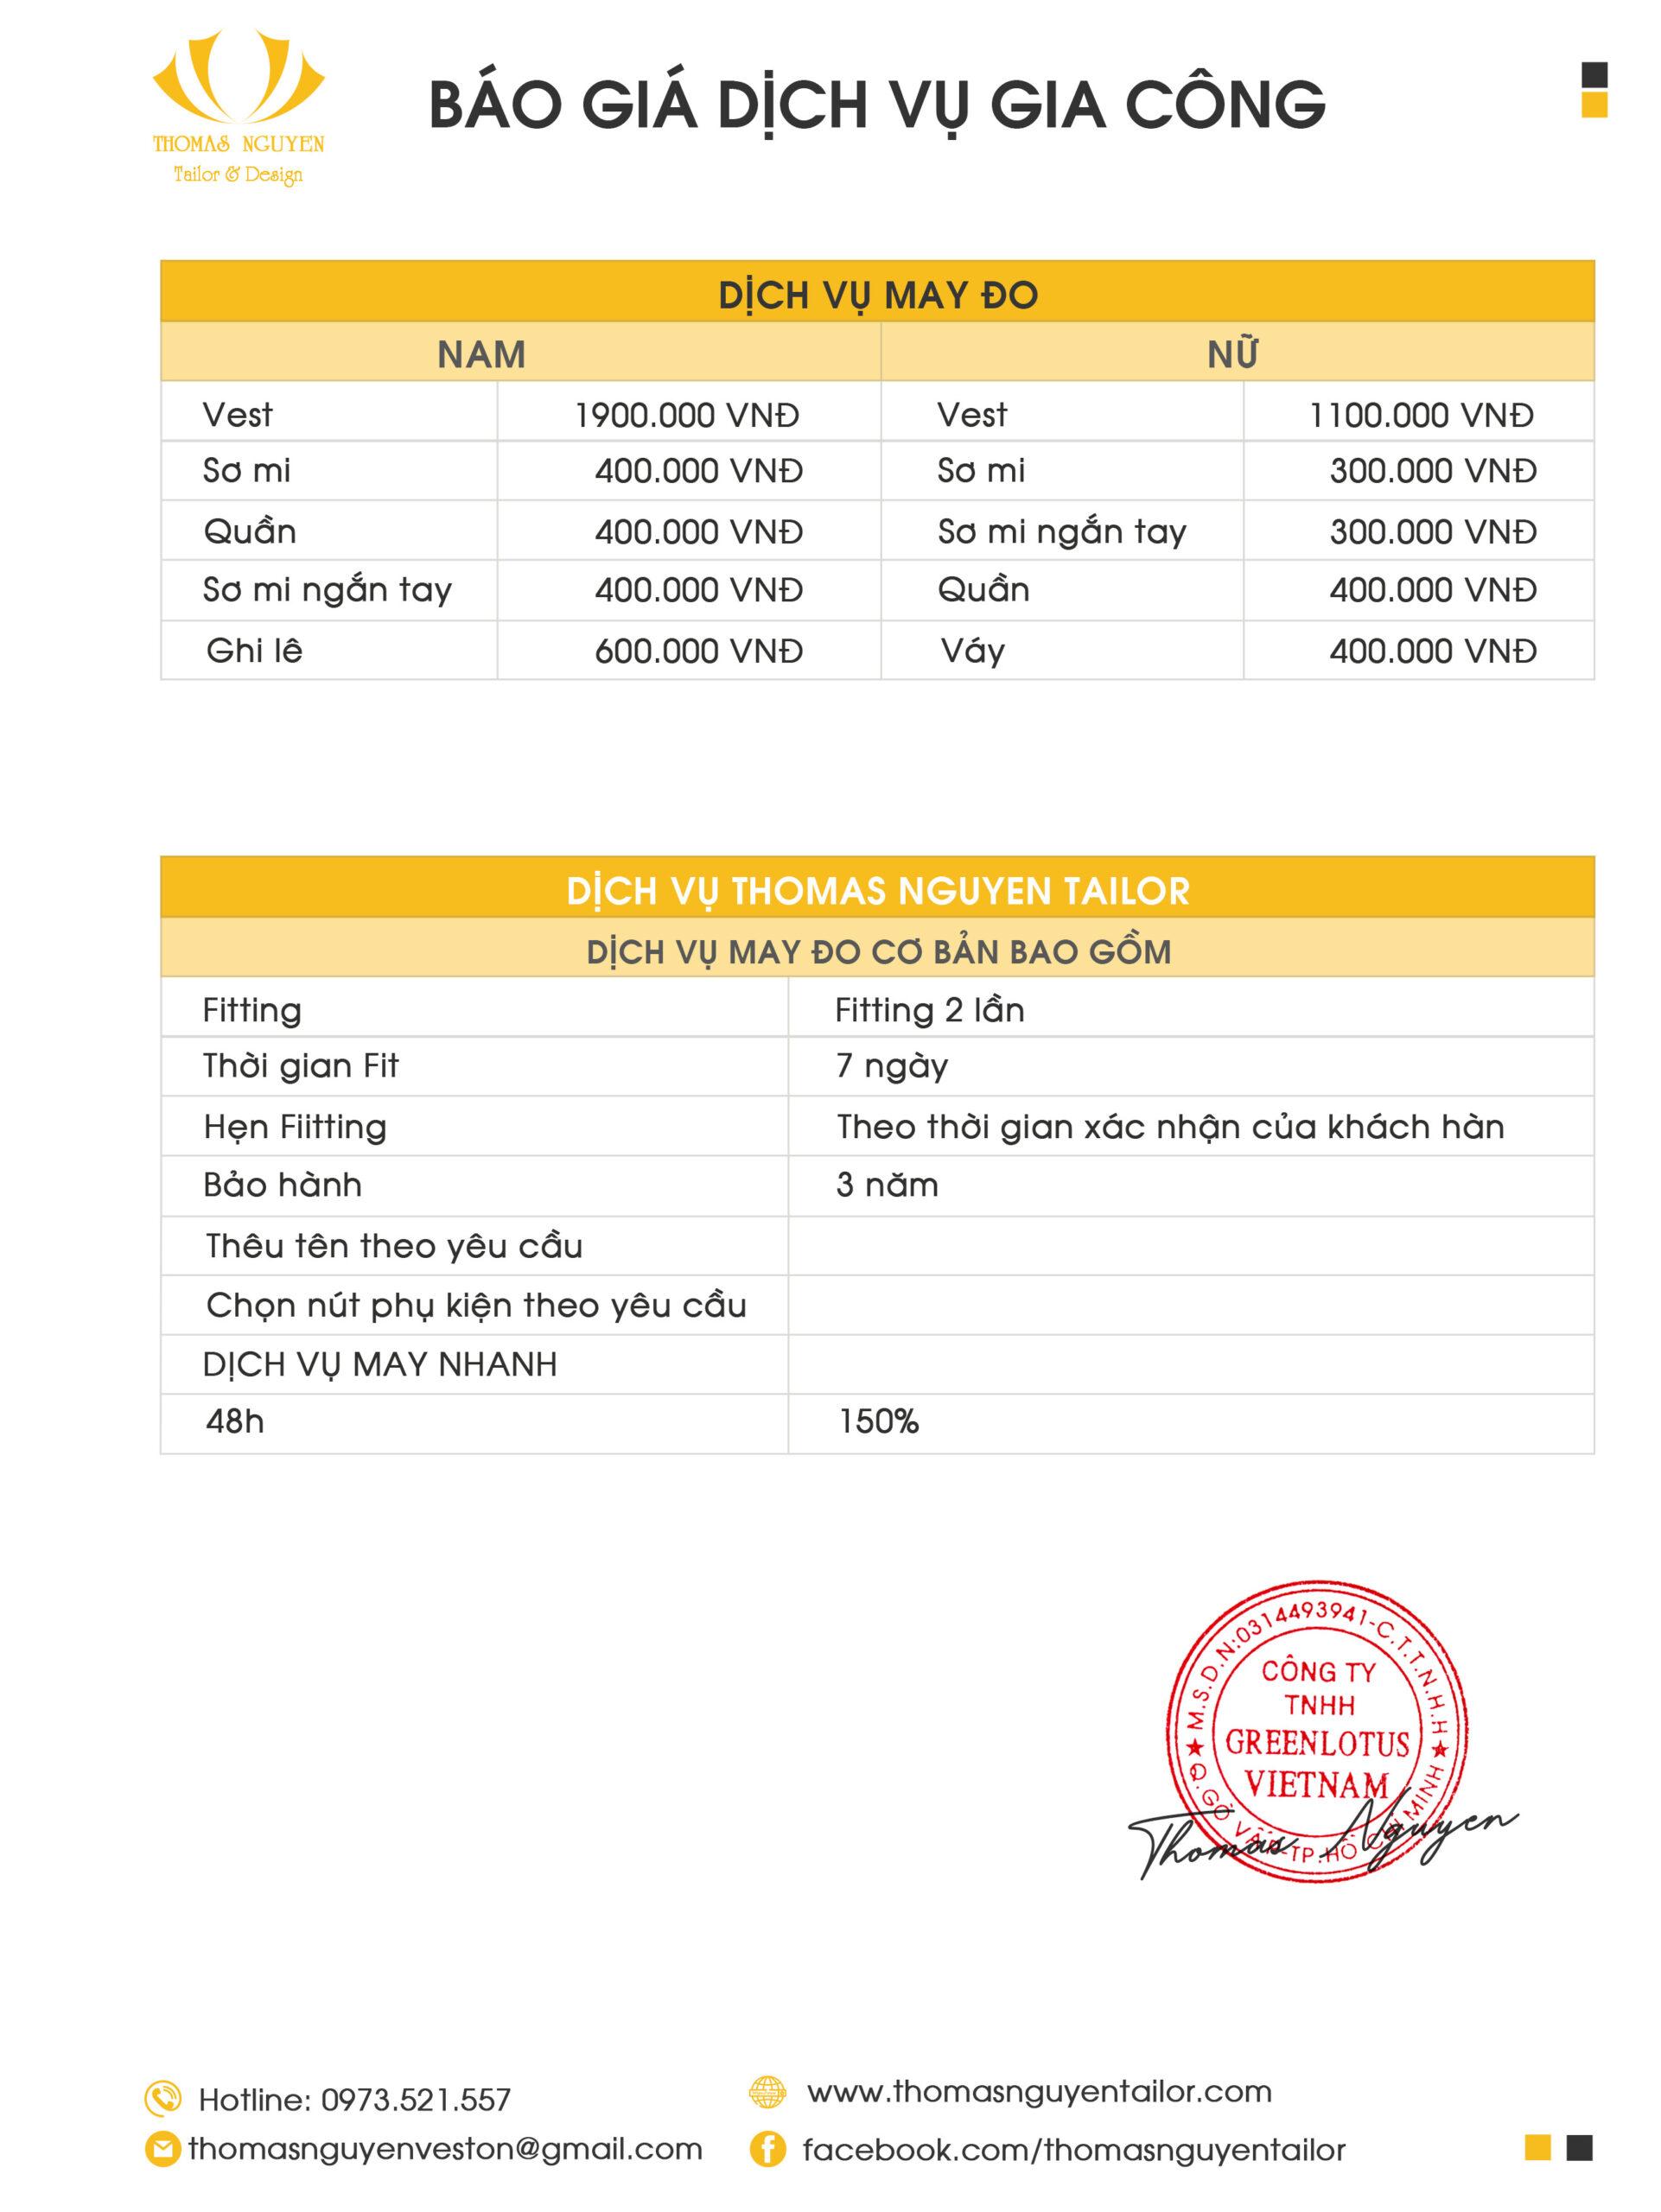 Bảng giá dịch vuh gia công tại Thomas Nguyen Tailor